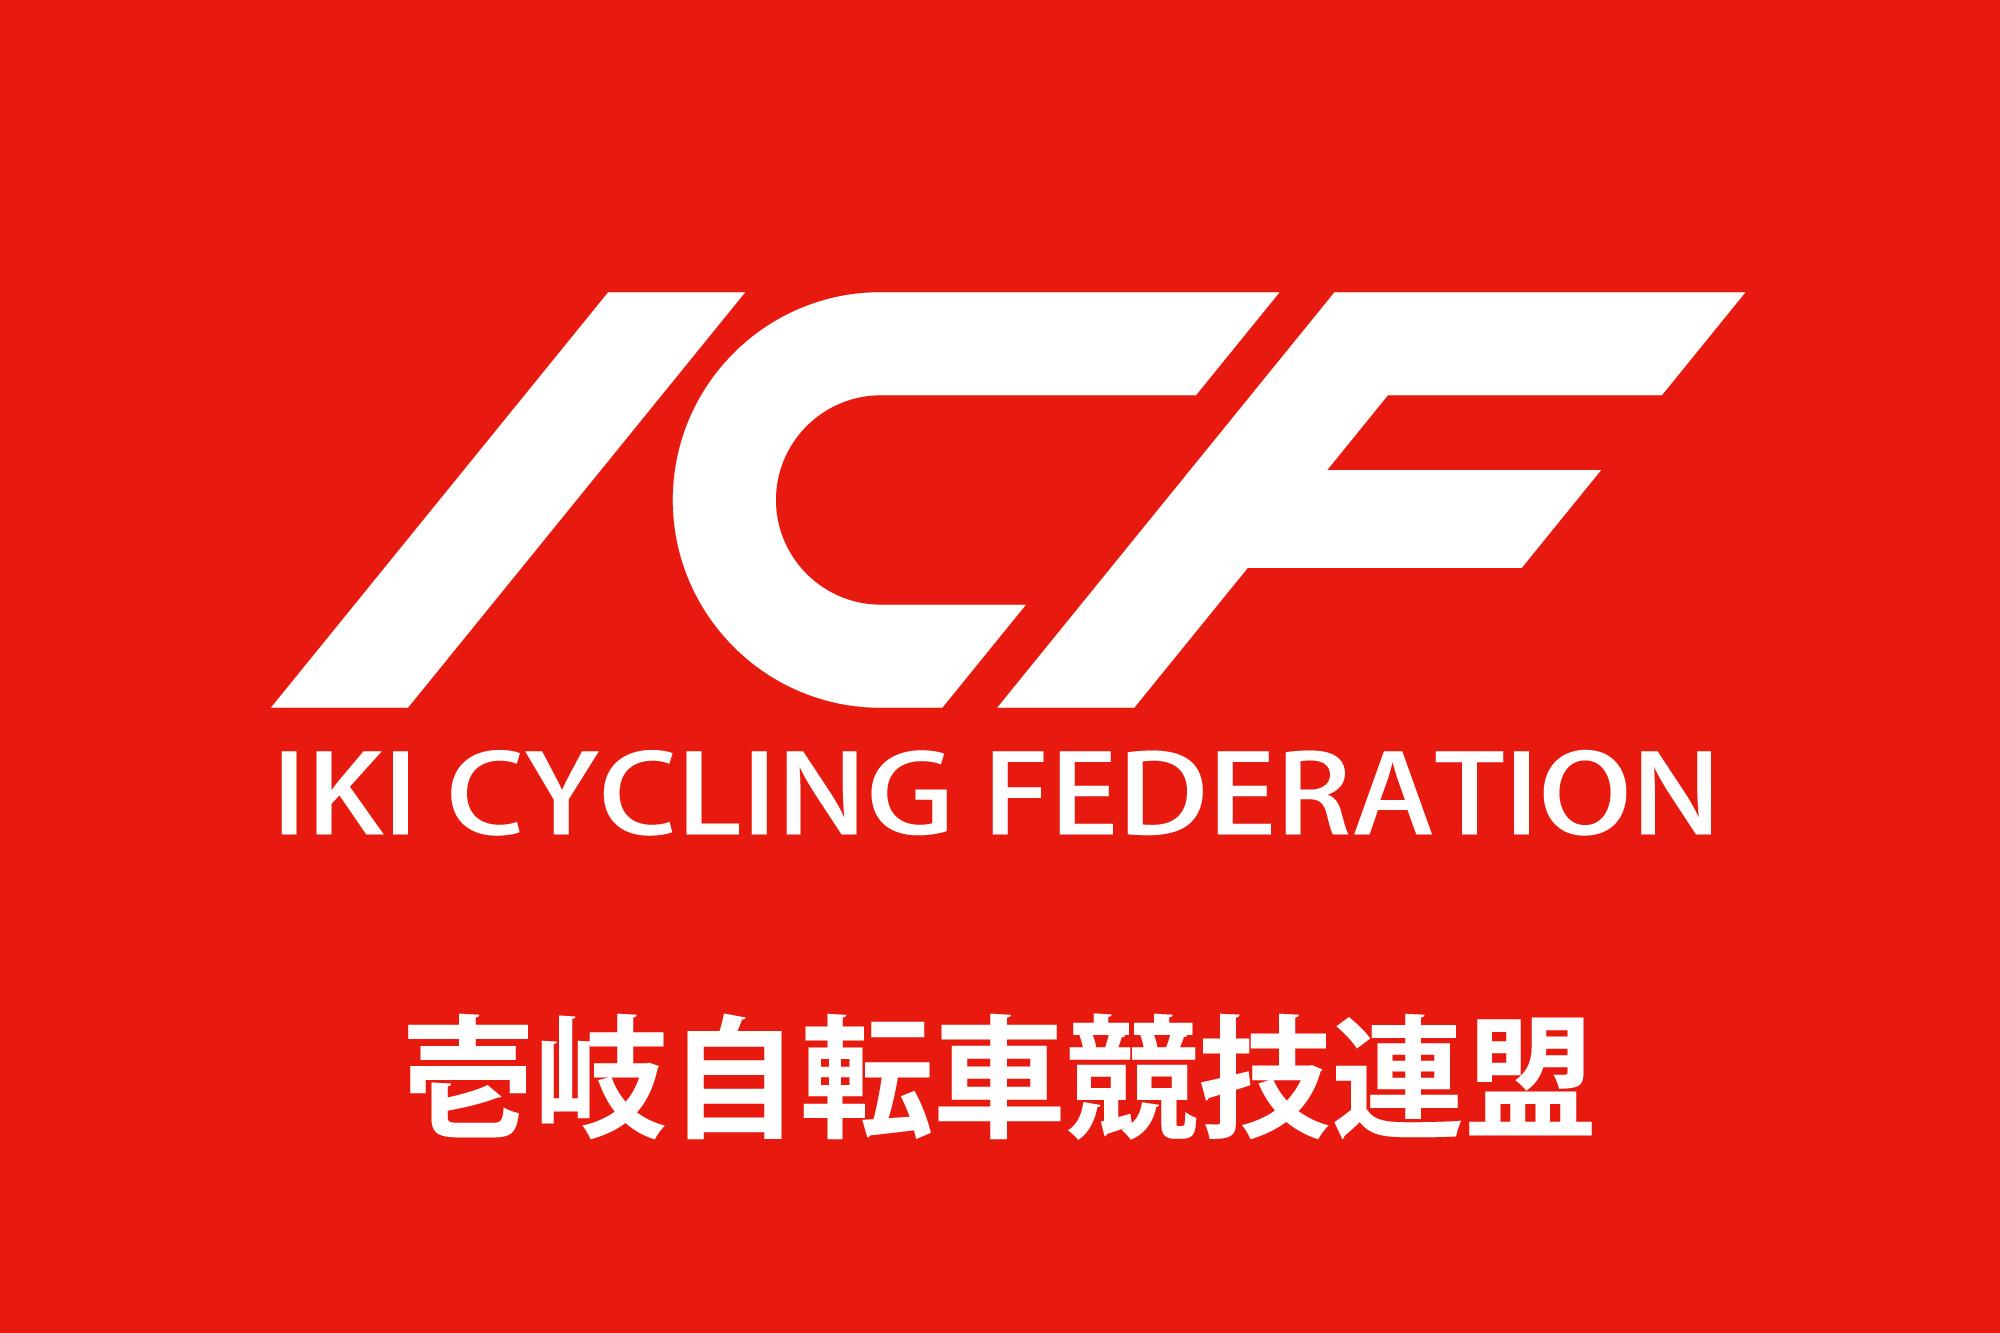 壱岐自転車競技連盟ICF ロゴ 大沢邦生Kunio.Osawa